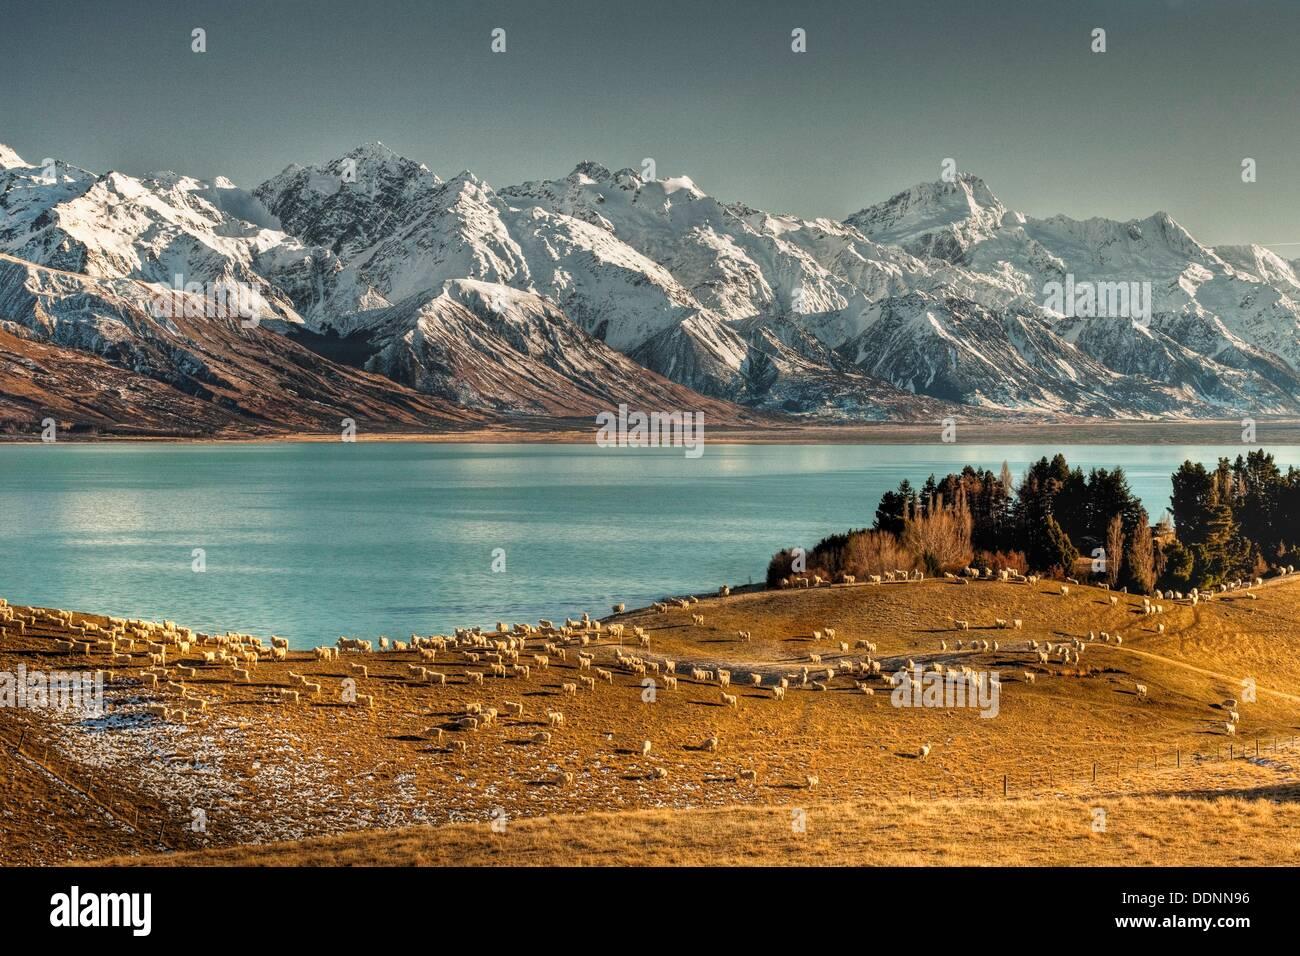 High country sheep station, Mt Sefton behind, Lake Pukaki, Ben Ohau Range behind, Canterbury. - Stock Image